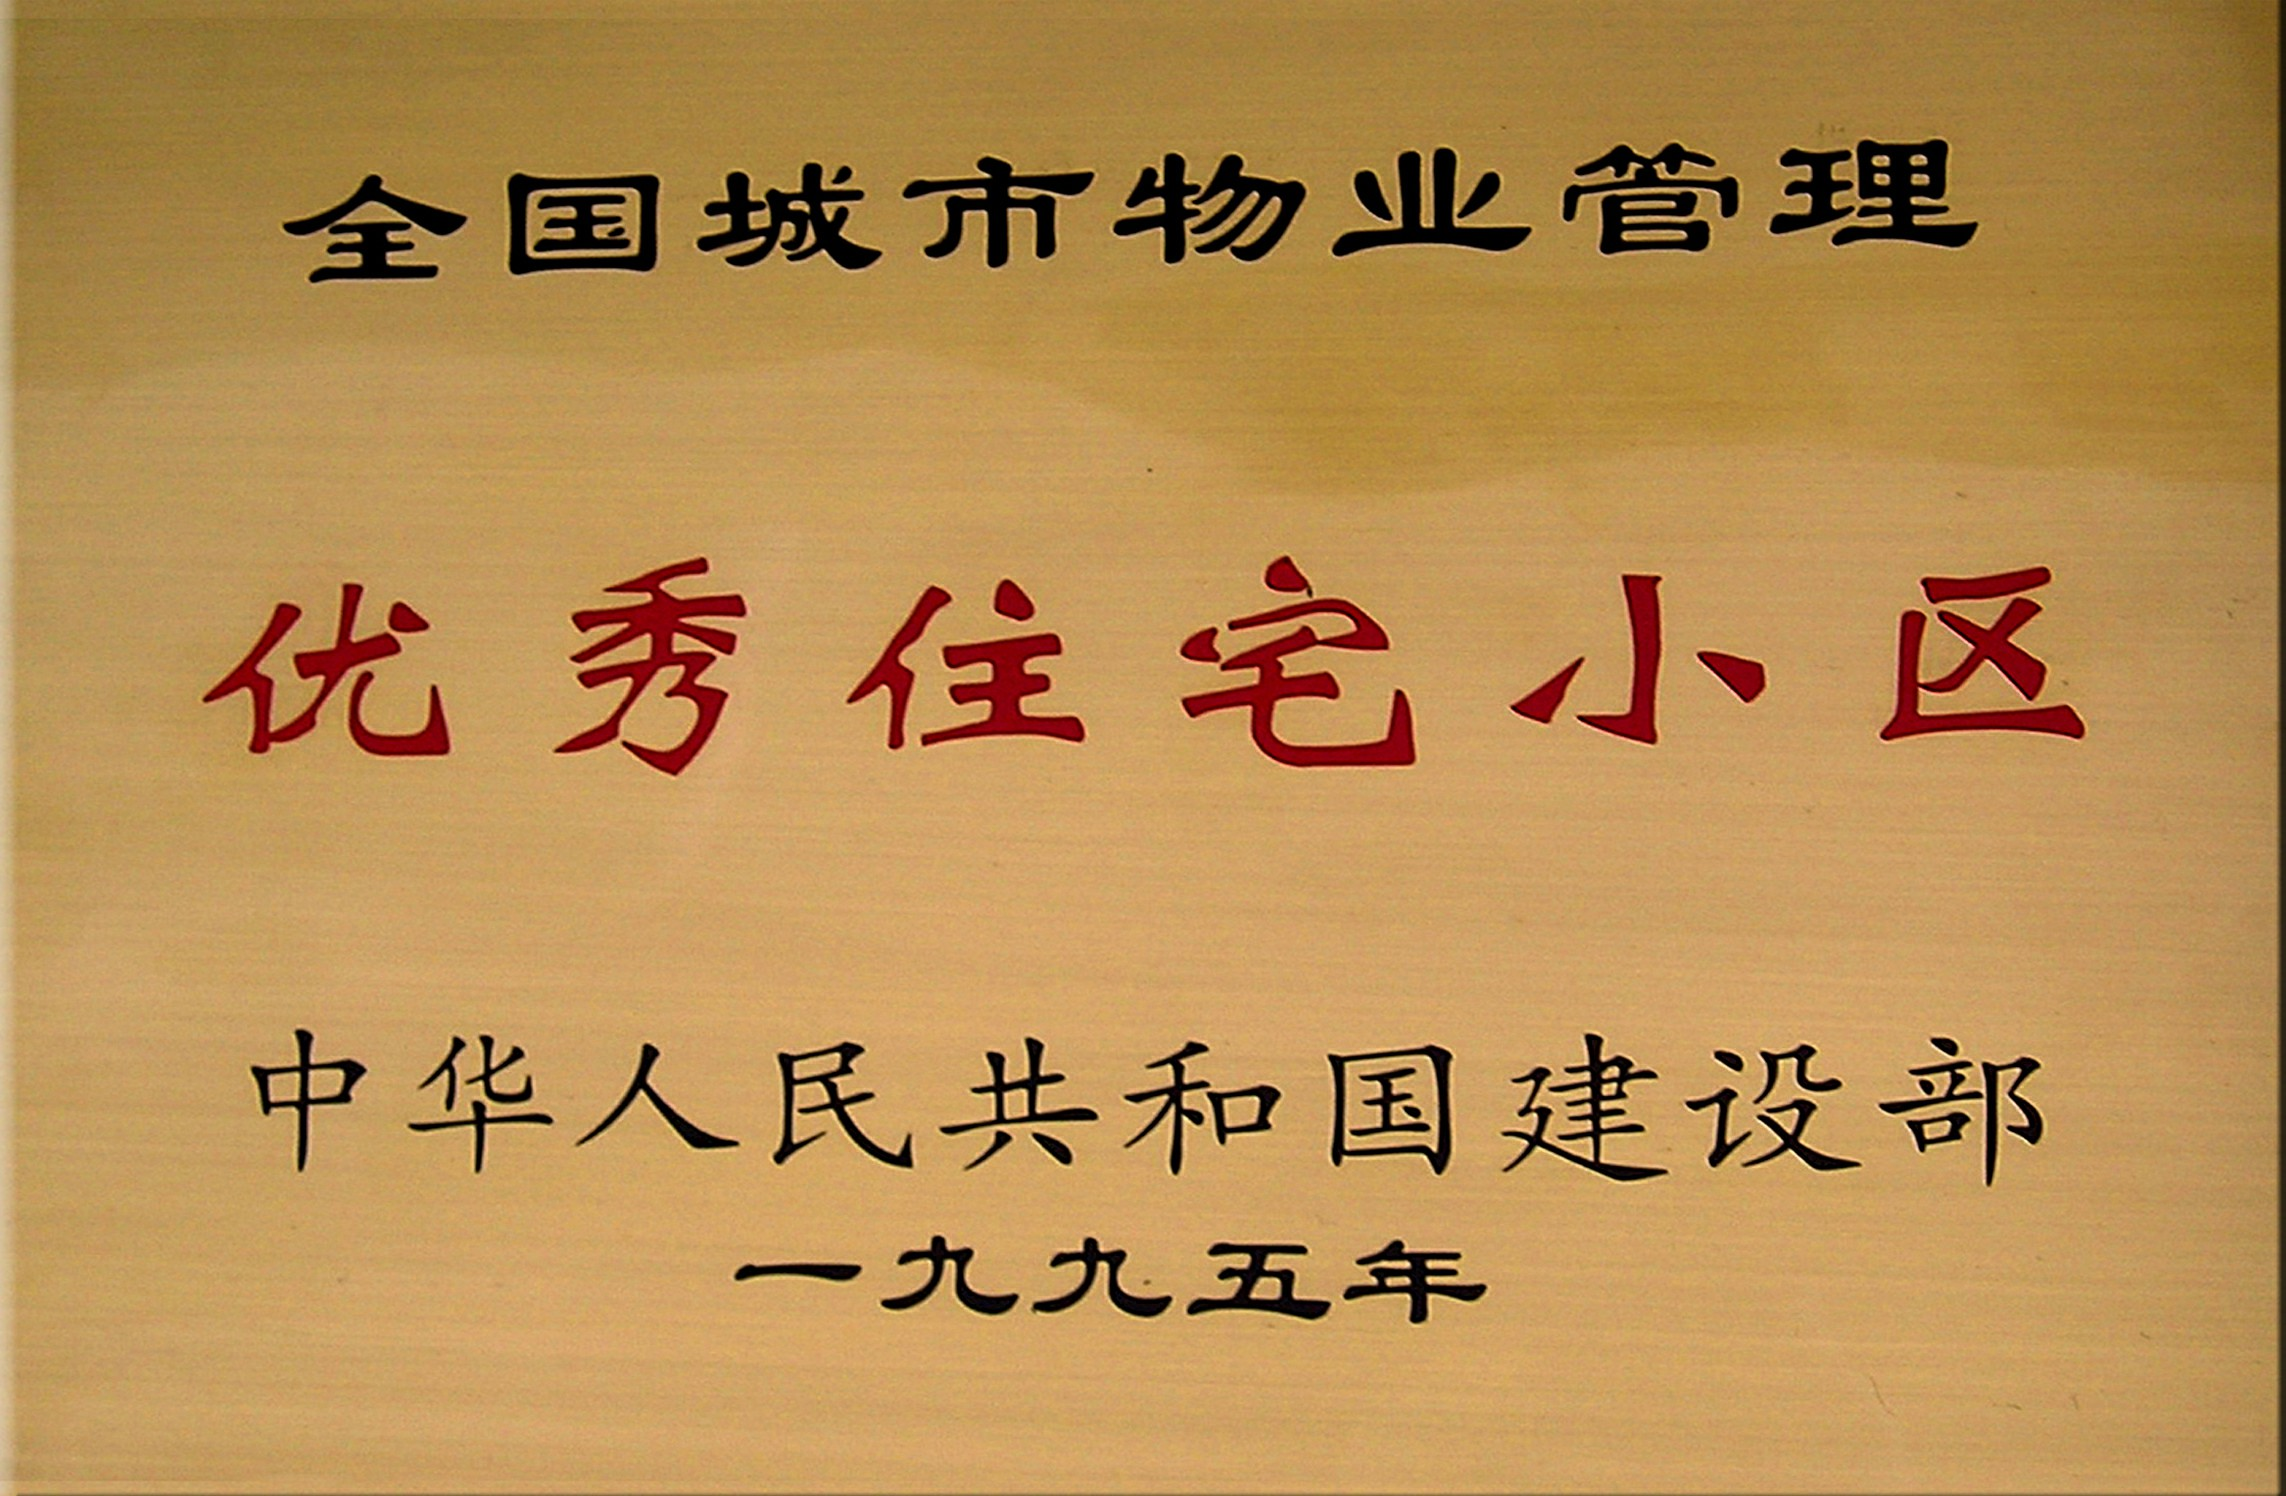 1995年-茂林居小区国优铜牌-建设部颁